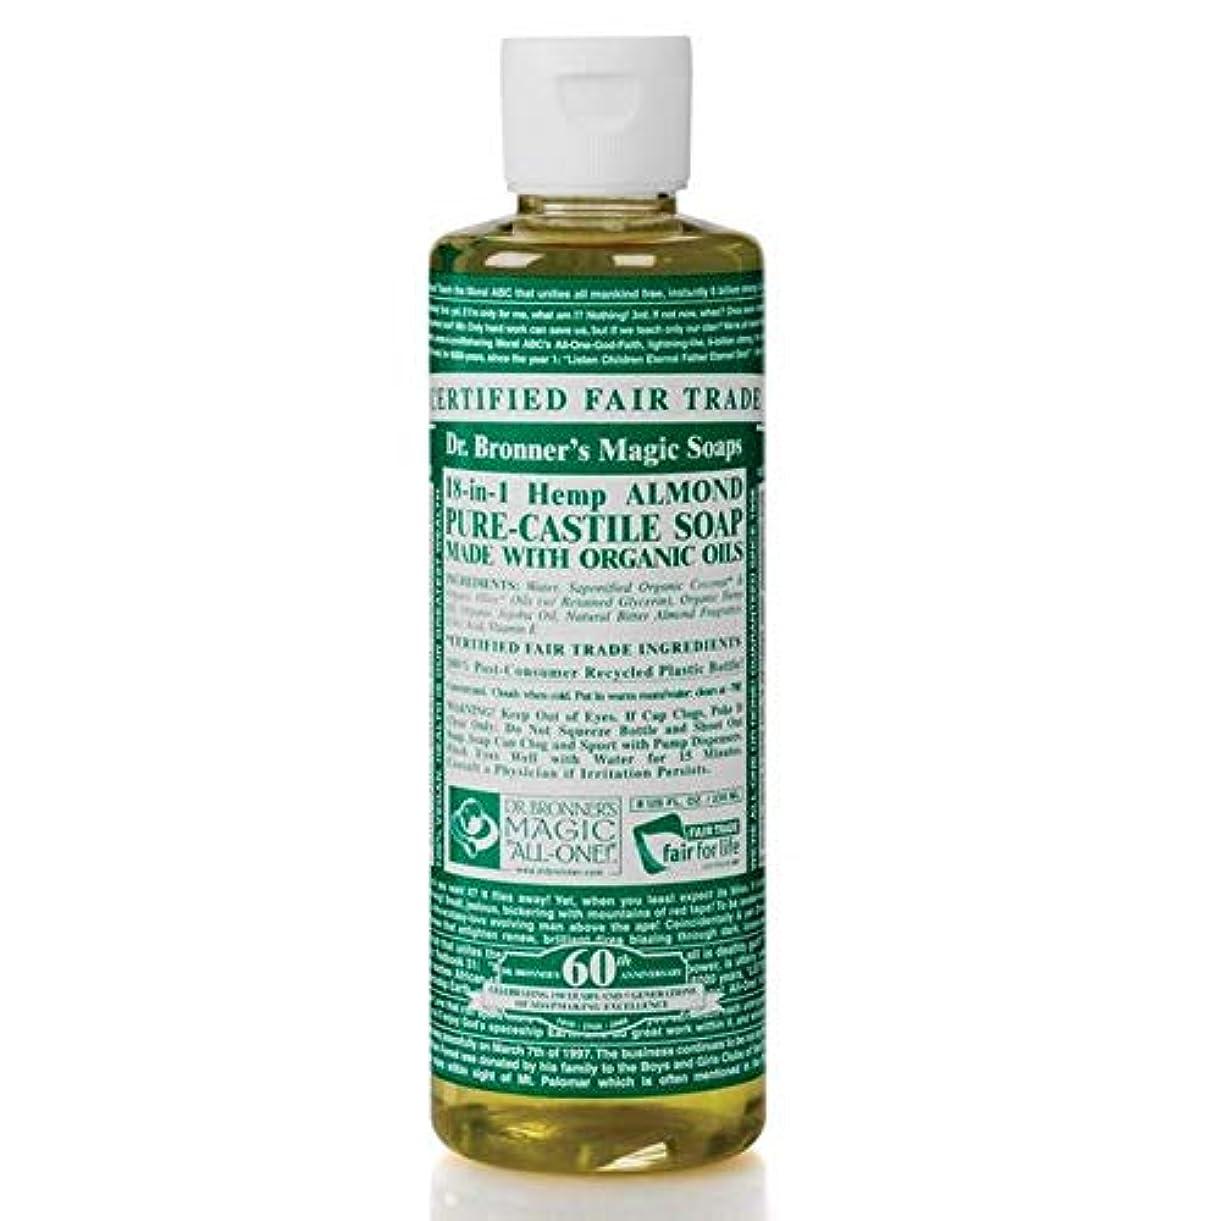 よろめくチャンバー簡単に[Dr Bronner] Dr。ブロナーズ有機アーモンドカスティーリャ液体石鹸473ミリリットル - Dr. Bronner's Organic Almond Castile Liquid Soap 473ml [並行輸入品]